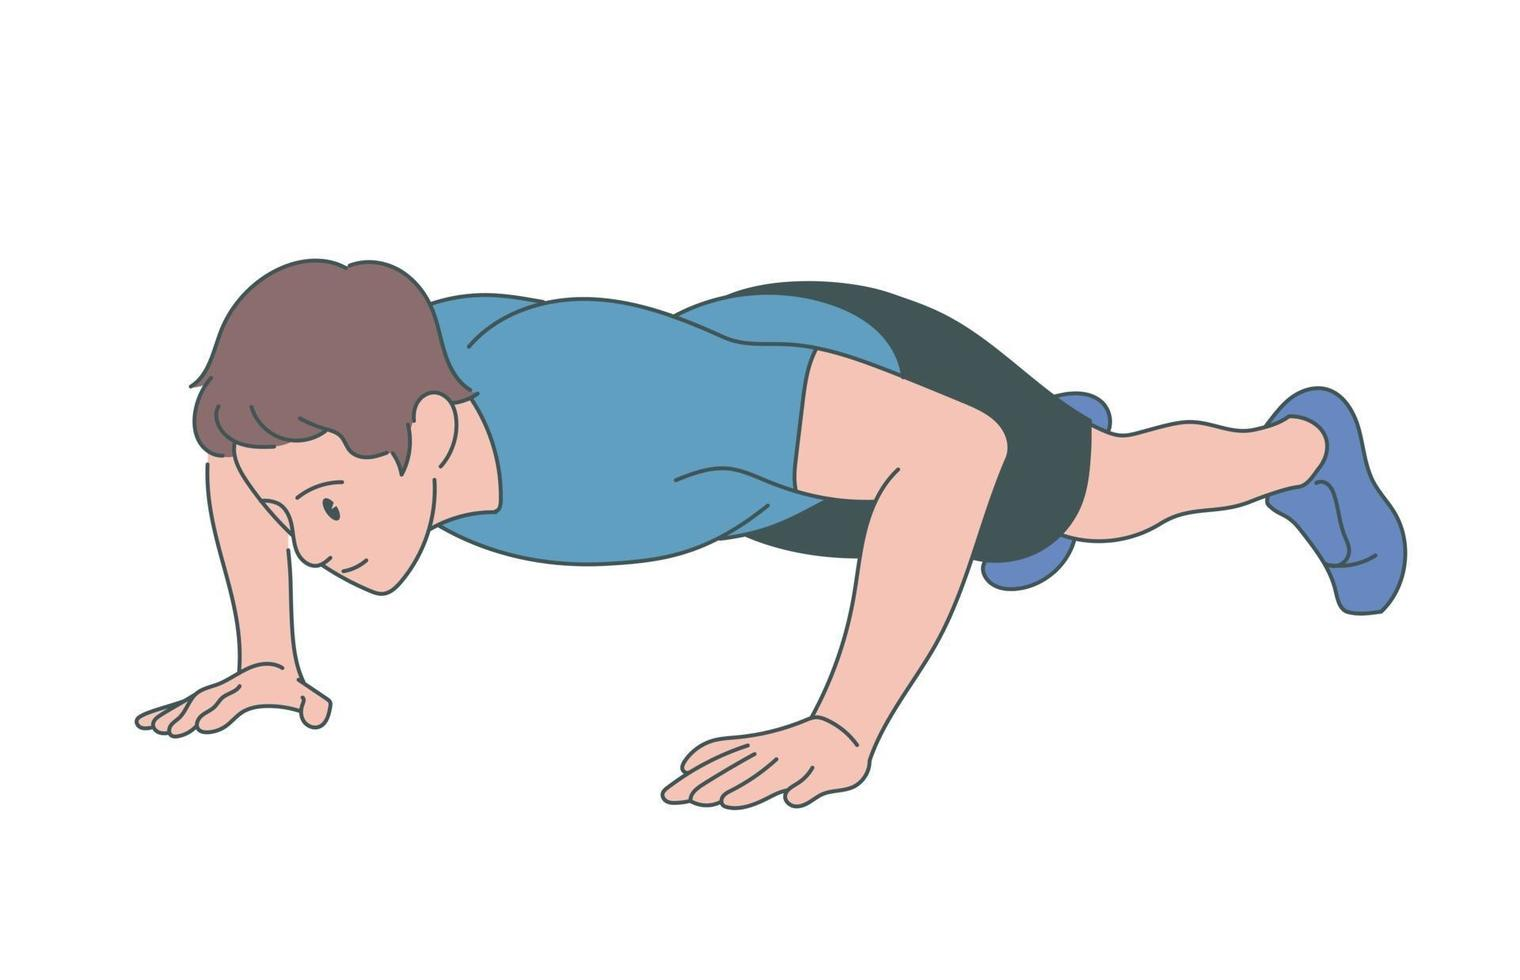 een man doet een push-up. hand getrokken stijl vector ontwerp illustraties.